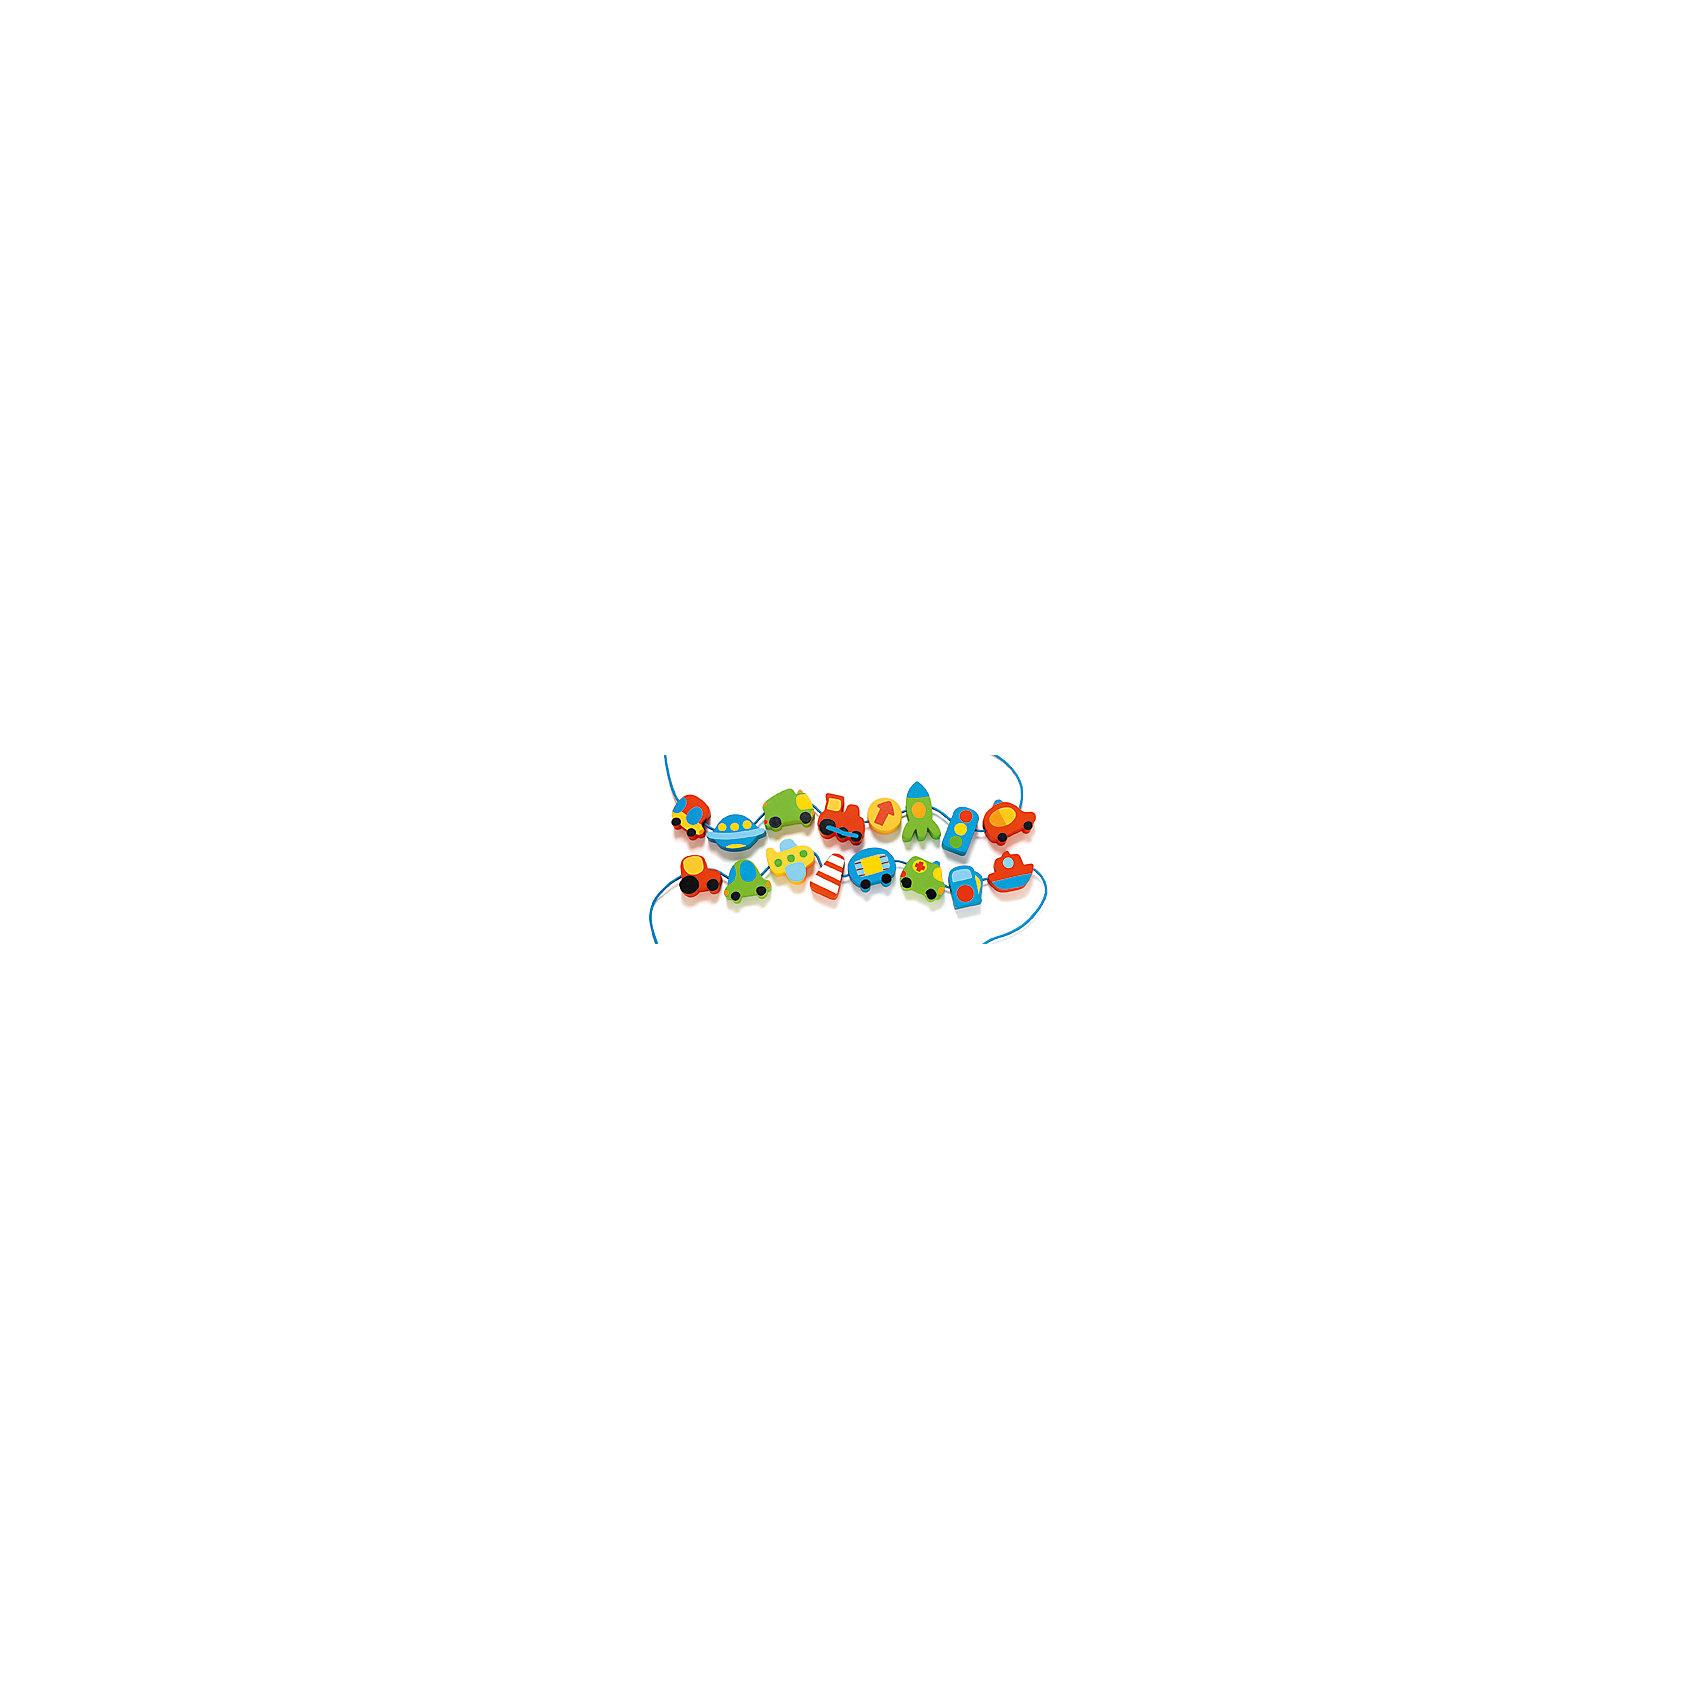 Шнуровка Город , DJECOРазвивающие игры<br>Разноцветная и невероятно приятная на ощупь шнуровка способствует развитию мелкой моторики малышей, а также в игровой форме знакомит ребенка с жизнью города. Малыш будет с удовольствием нанизывать яркие, разные по форме «бусины», и каждый раз у него будут получаться новые бусы. Это увлекательное занятие развивает в ребенке чувство прекрасного, понимание пропорций, начальное знание цветов. Каждая бусинка ярко раскрашена, идеально обработана, имеет удобный для детских рук размер, не имеет острых углов. Шнуровка – бусы «Город» изготовлена из  безопасных, экологически чистых материалов. <br><br>Дополнительная информация:<br><br>- Материал: дерево, текстиль.<br>- Размер упаковки: 28х12х2,5 см.<br>- В комплекте: 16 деревянных деталей, 2 шнурка.<br><br>Шнуровку – бусы «Город» , DJECO (Джеко), можно купить в нашем магазине.<br><br>Ширина мм: 280<br>Глубина мм: 120<br>Высота мм: 30<br>Вес г: 250<br>Возраст от месяцев: 24<br>Возраст до месяцев: 48<br>Пол: Унисекс<br>Возраст: Детский<br>SKU: 4051889